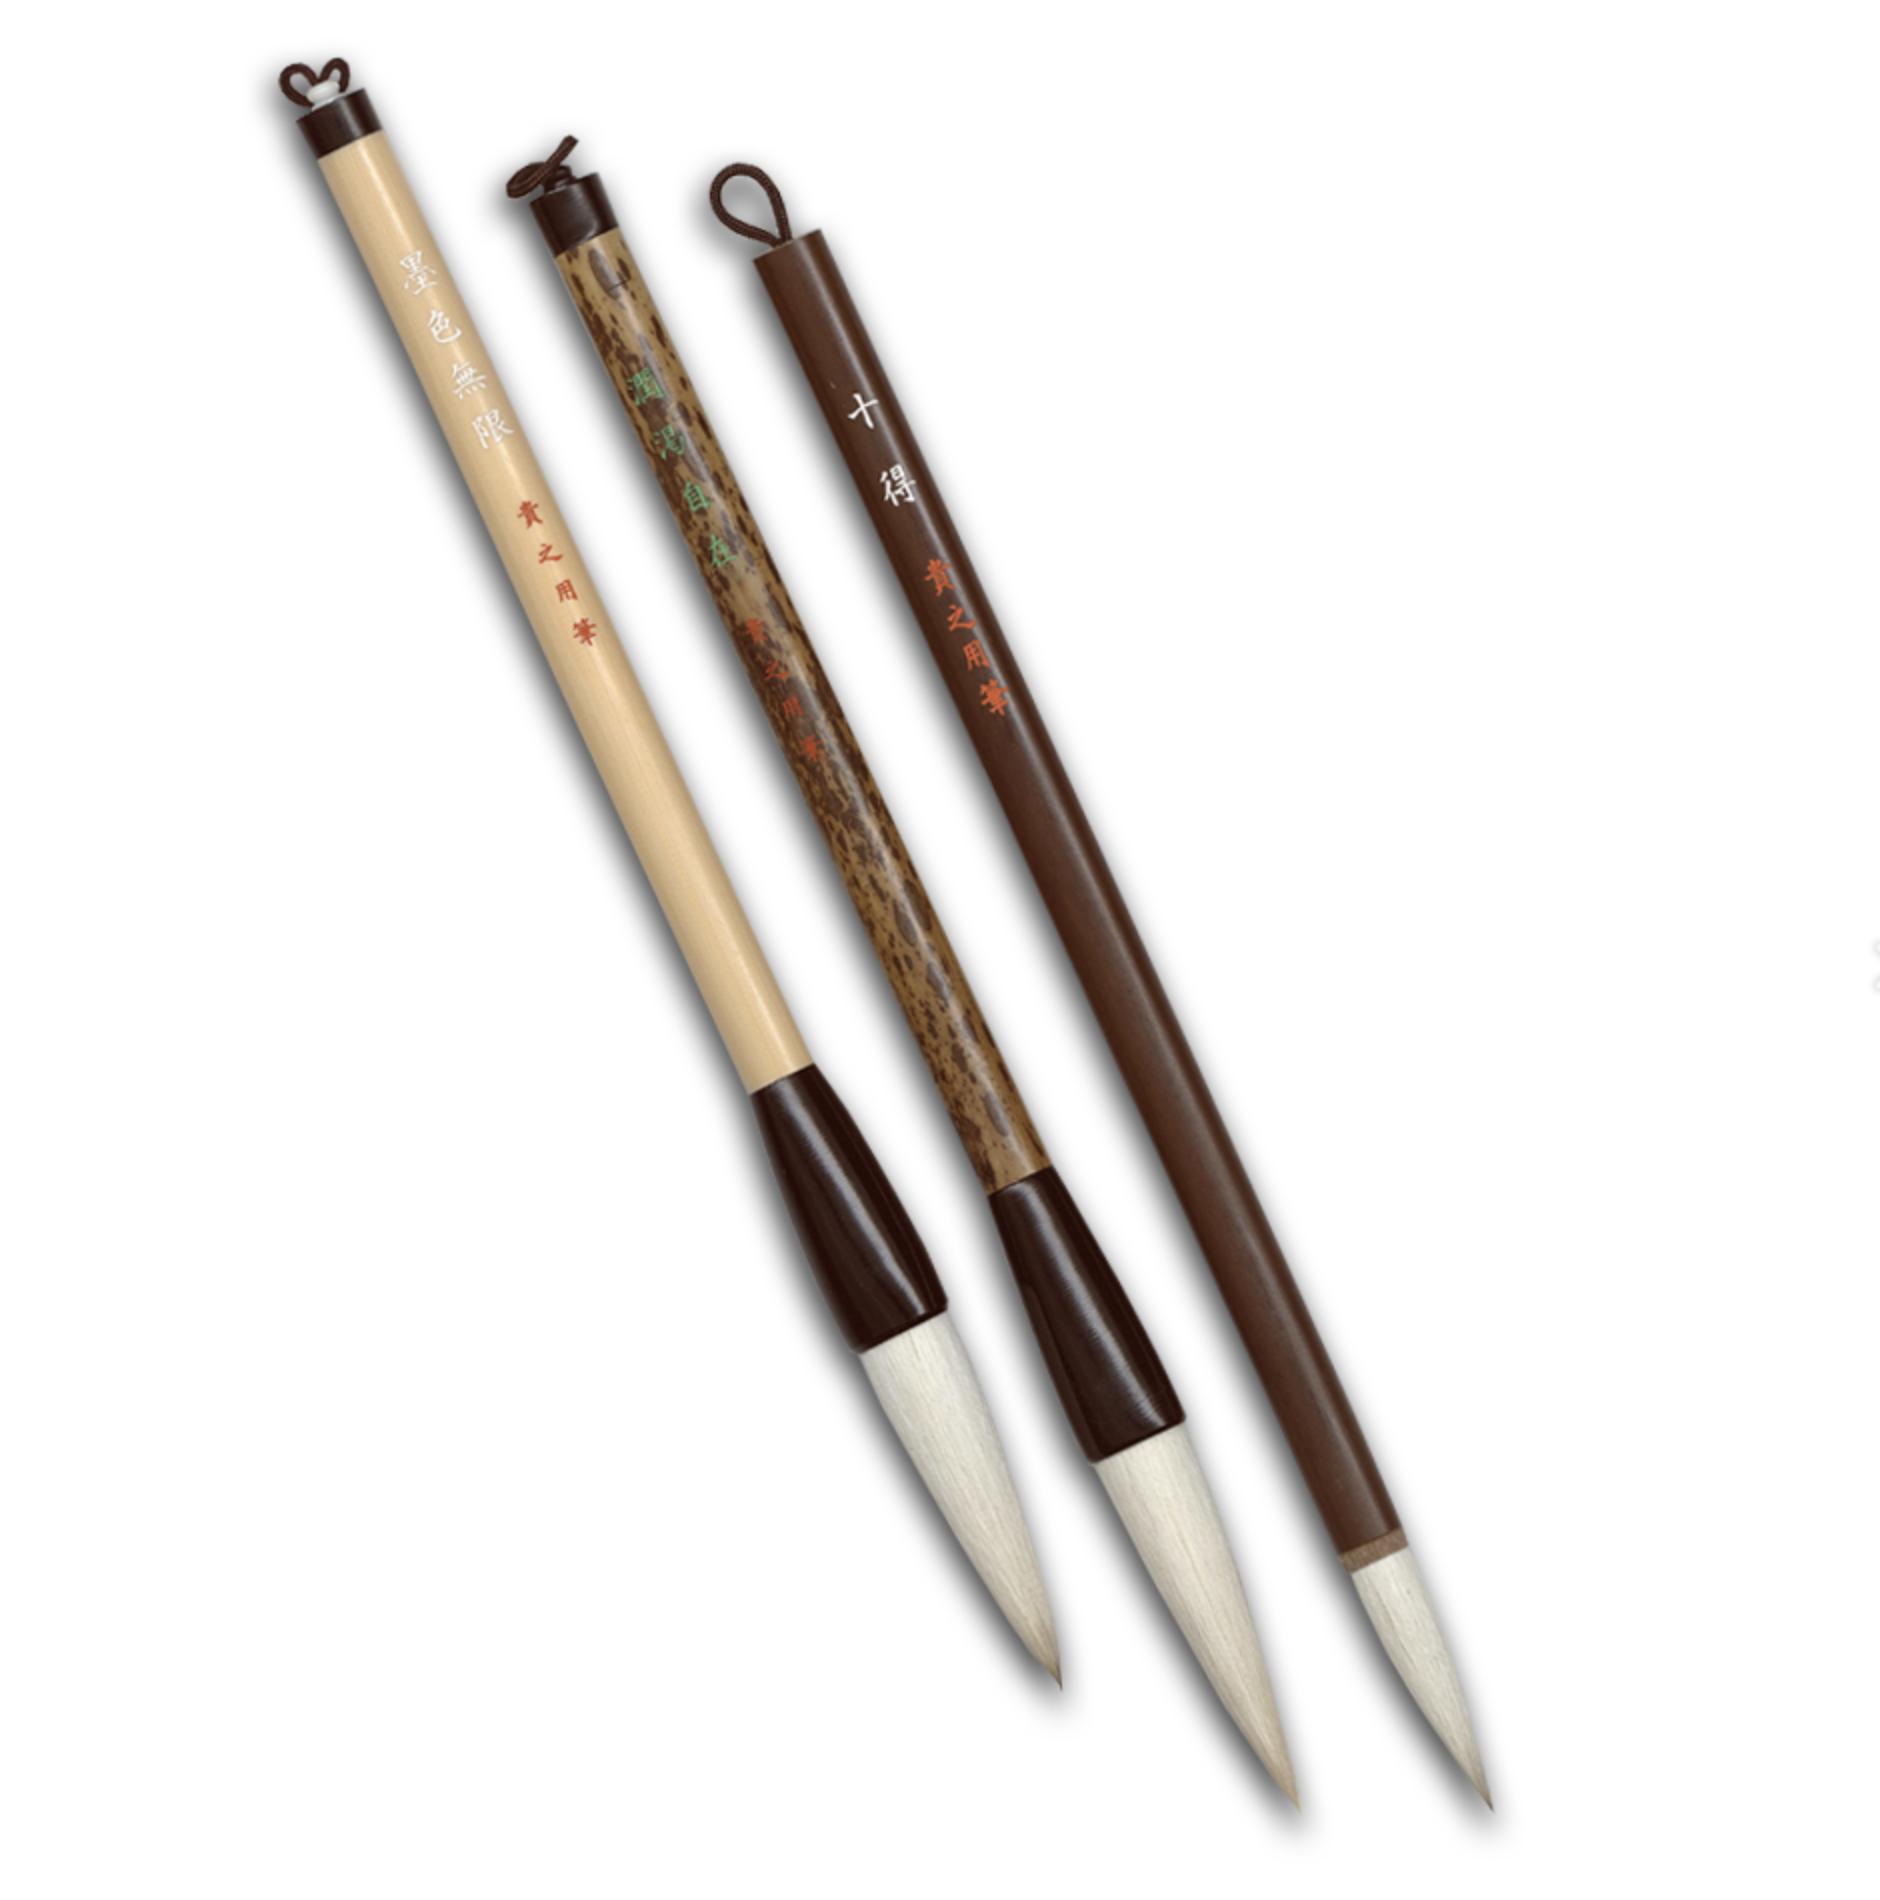 篠原貴之オリジナル筆 3本セット